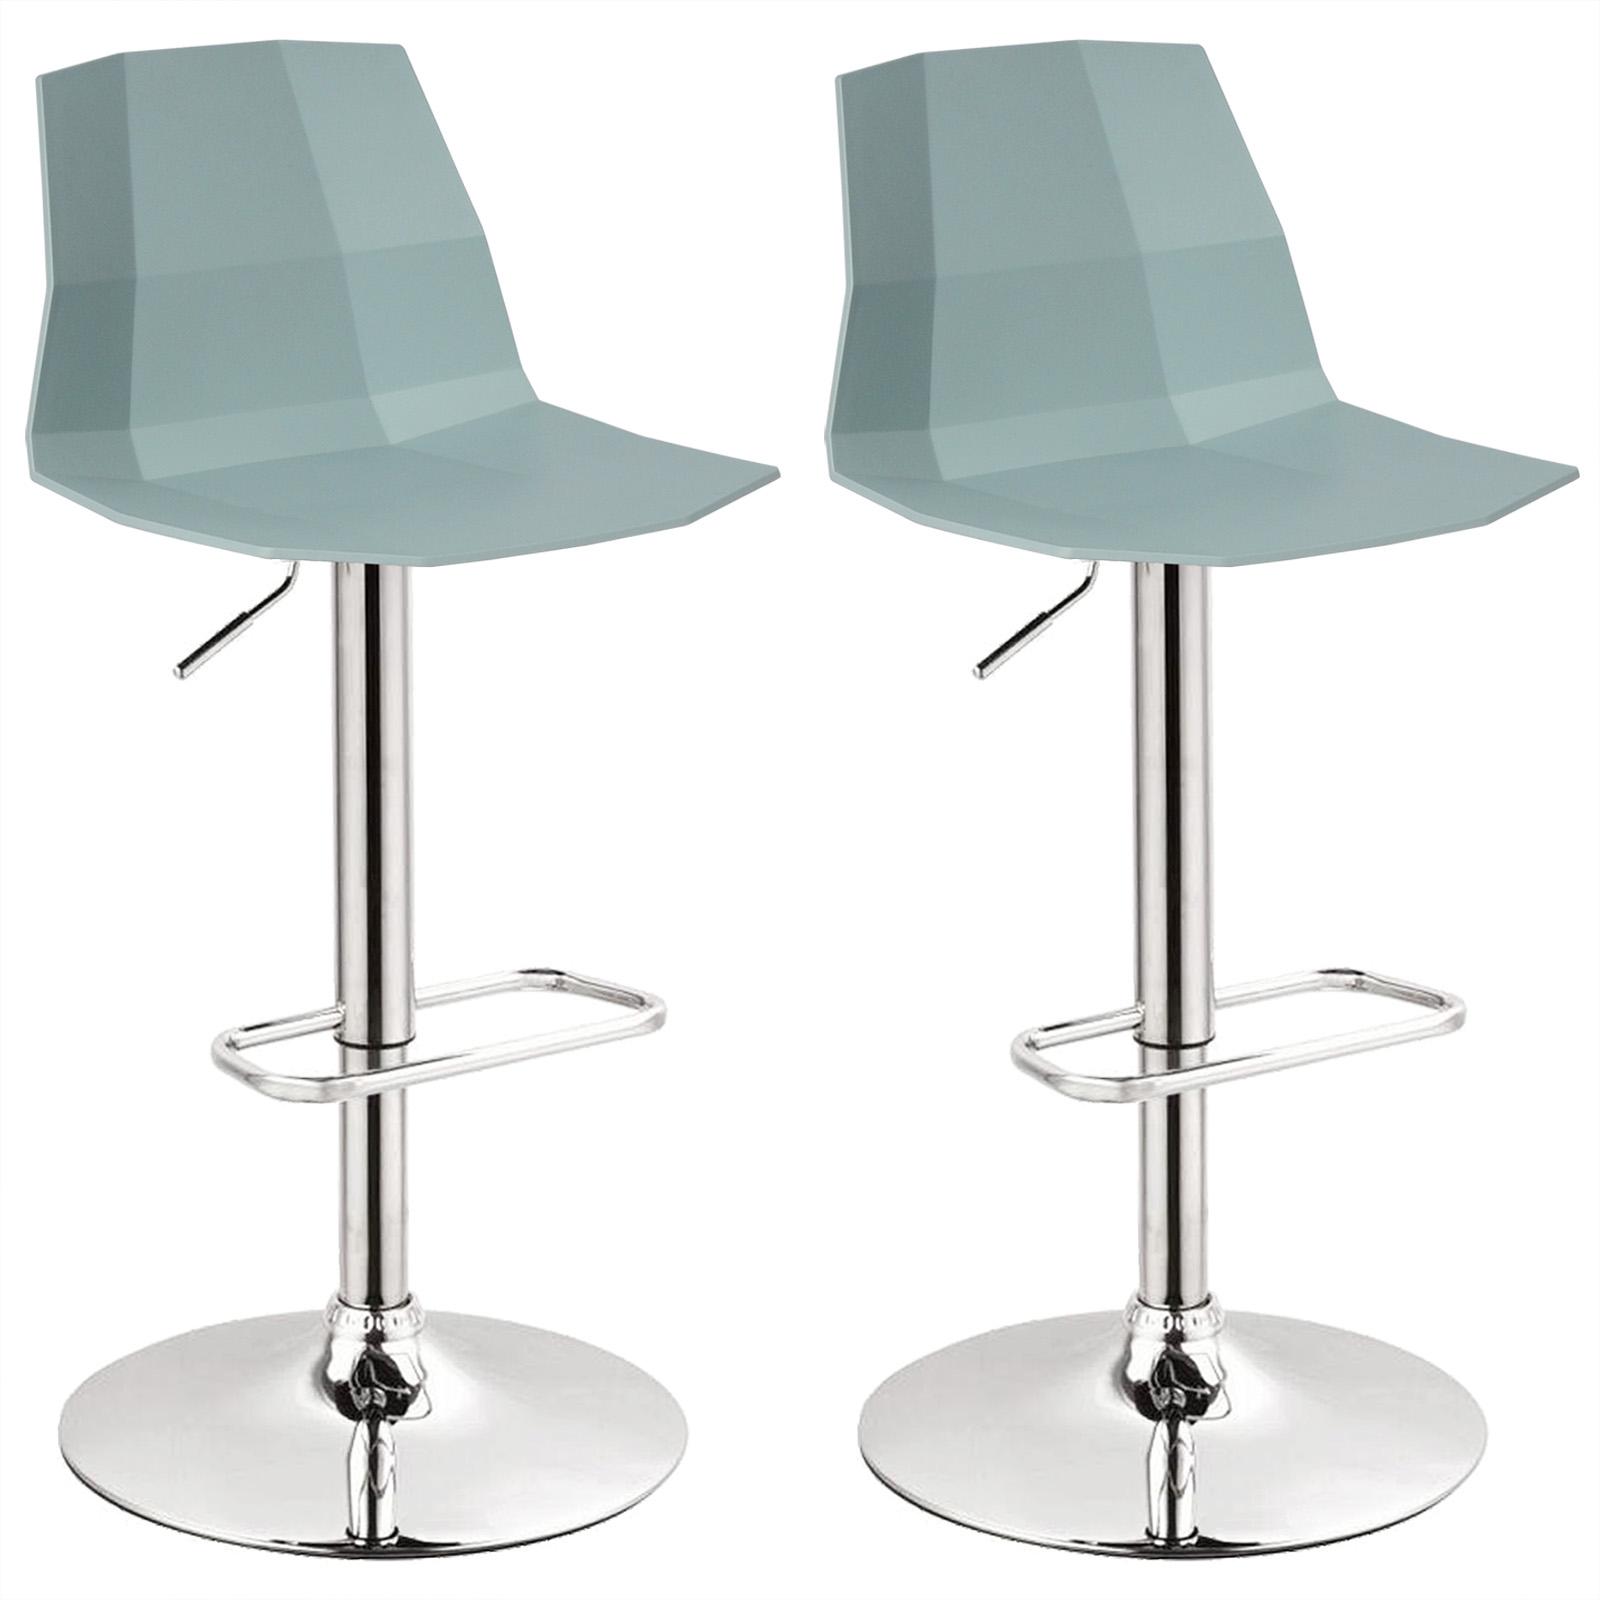 tabouret de bar tournant lot de 2 r glable en hauteur avec plastique si ge f109 ebay. Black Bedroom Furniture Sets. Home Design Ideas